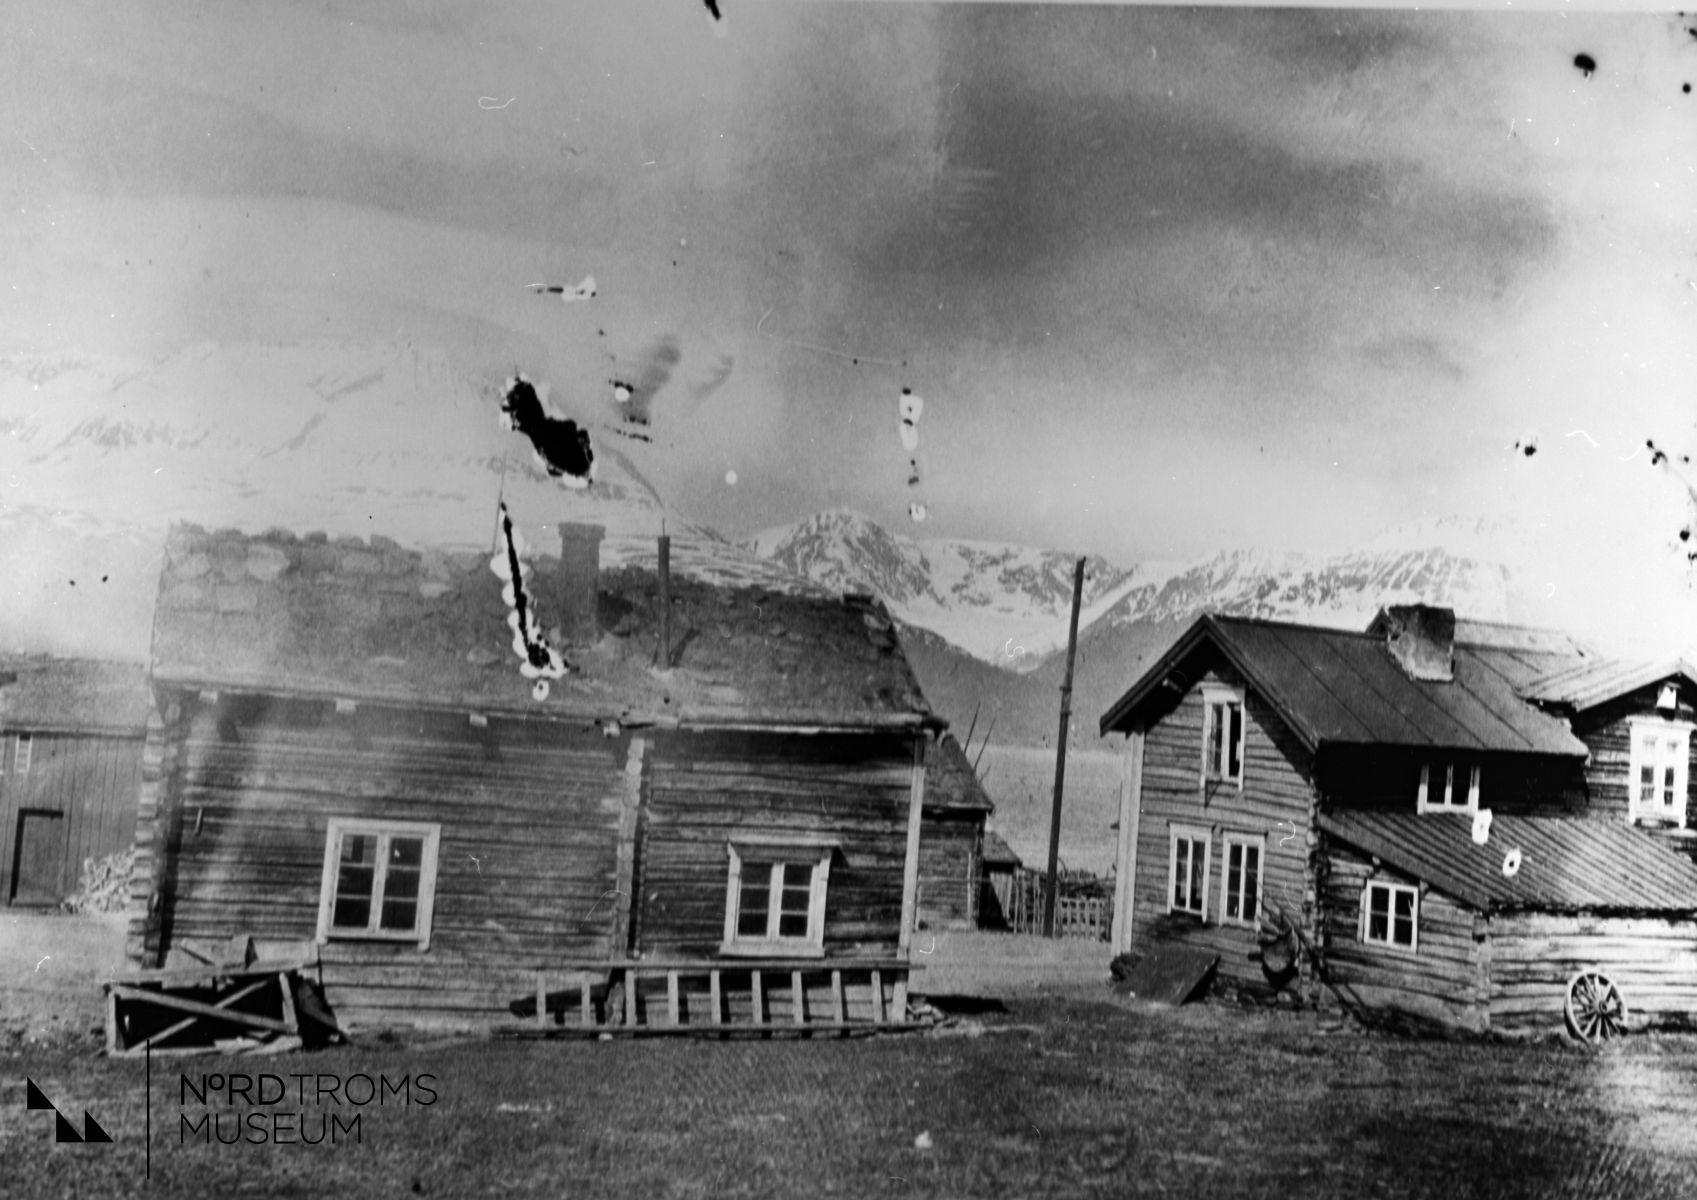 Et lite hus fra Markkina (Markedsplassen). 1. Erik Seppolas sjå 2. Pohjanen - stua, 3. Edvard Henriksens hus, 4. Erik Seppolas hus. Skibotn